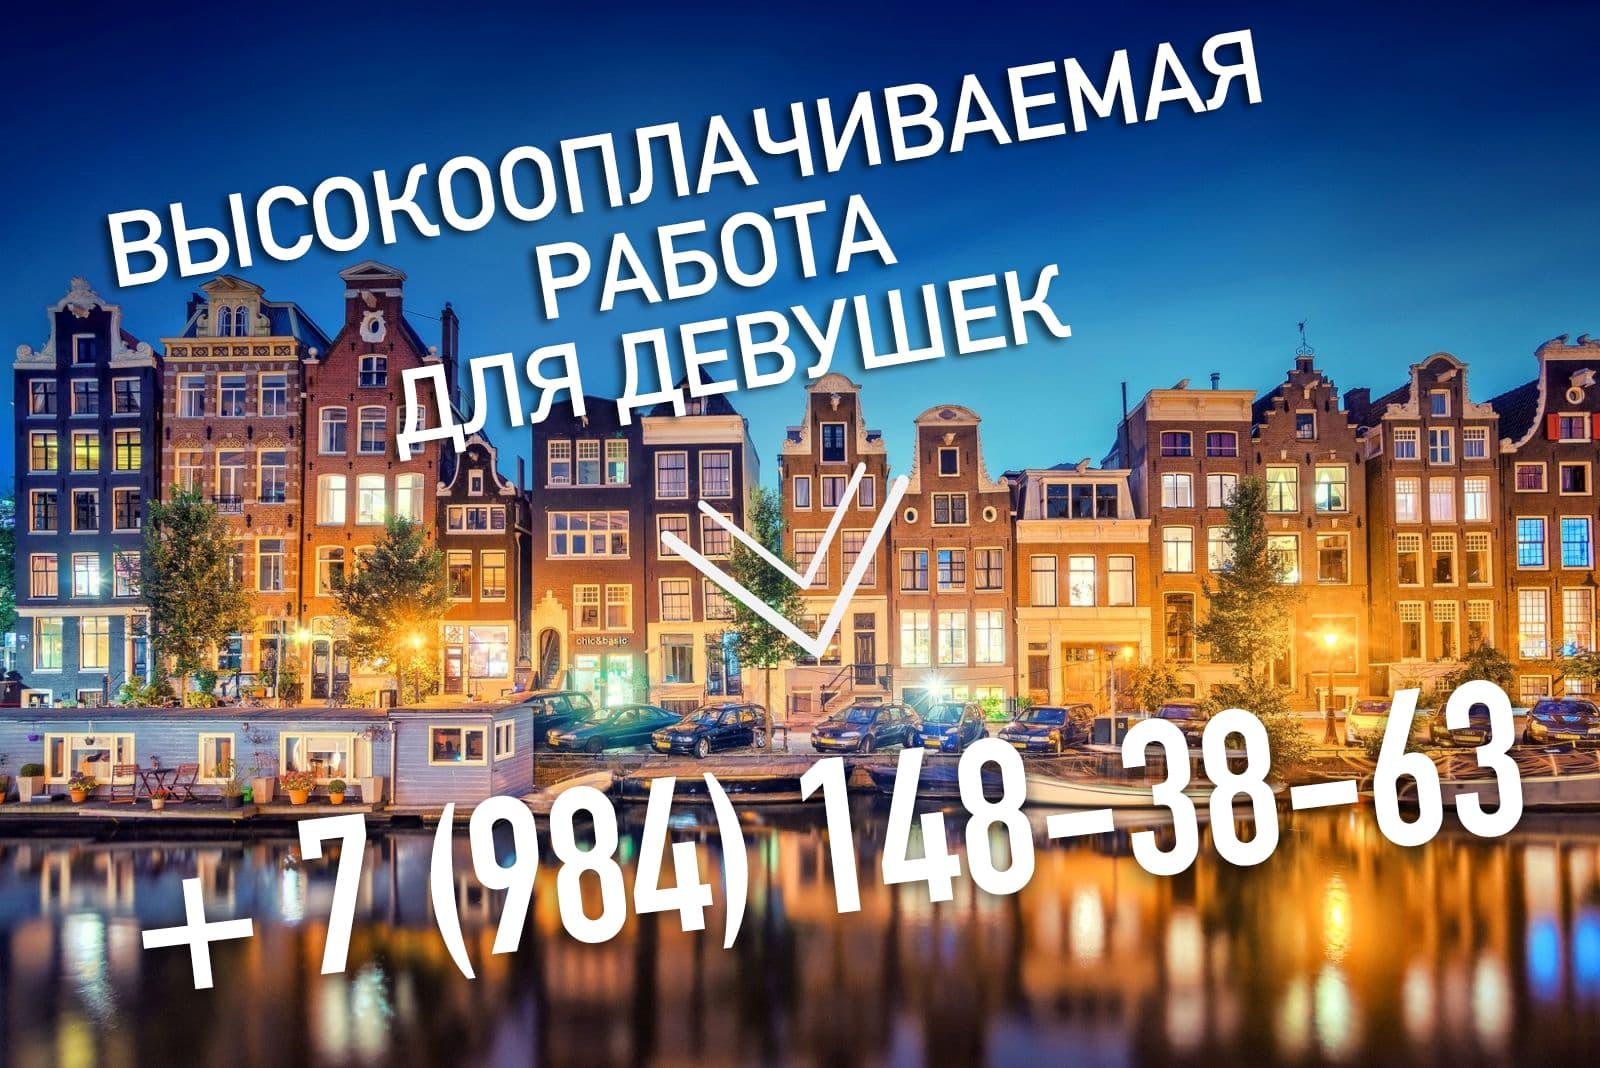 Эскорт работа в Амстердаме для девушек